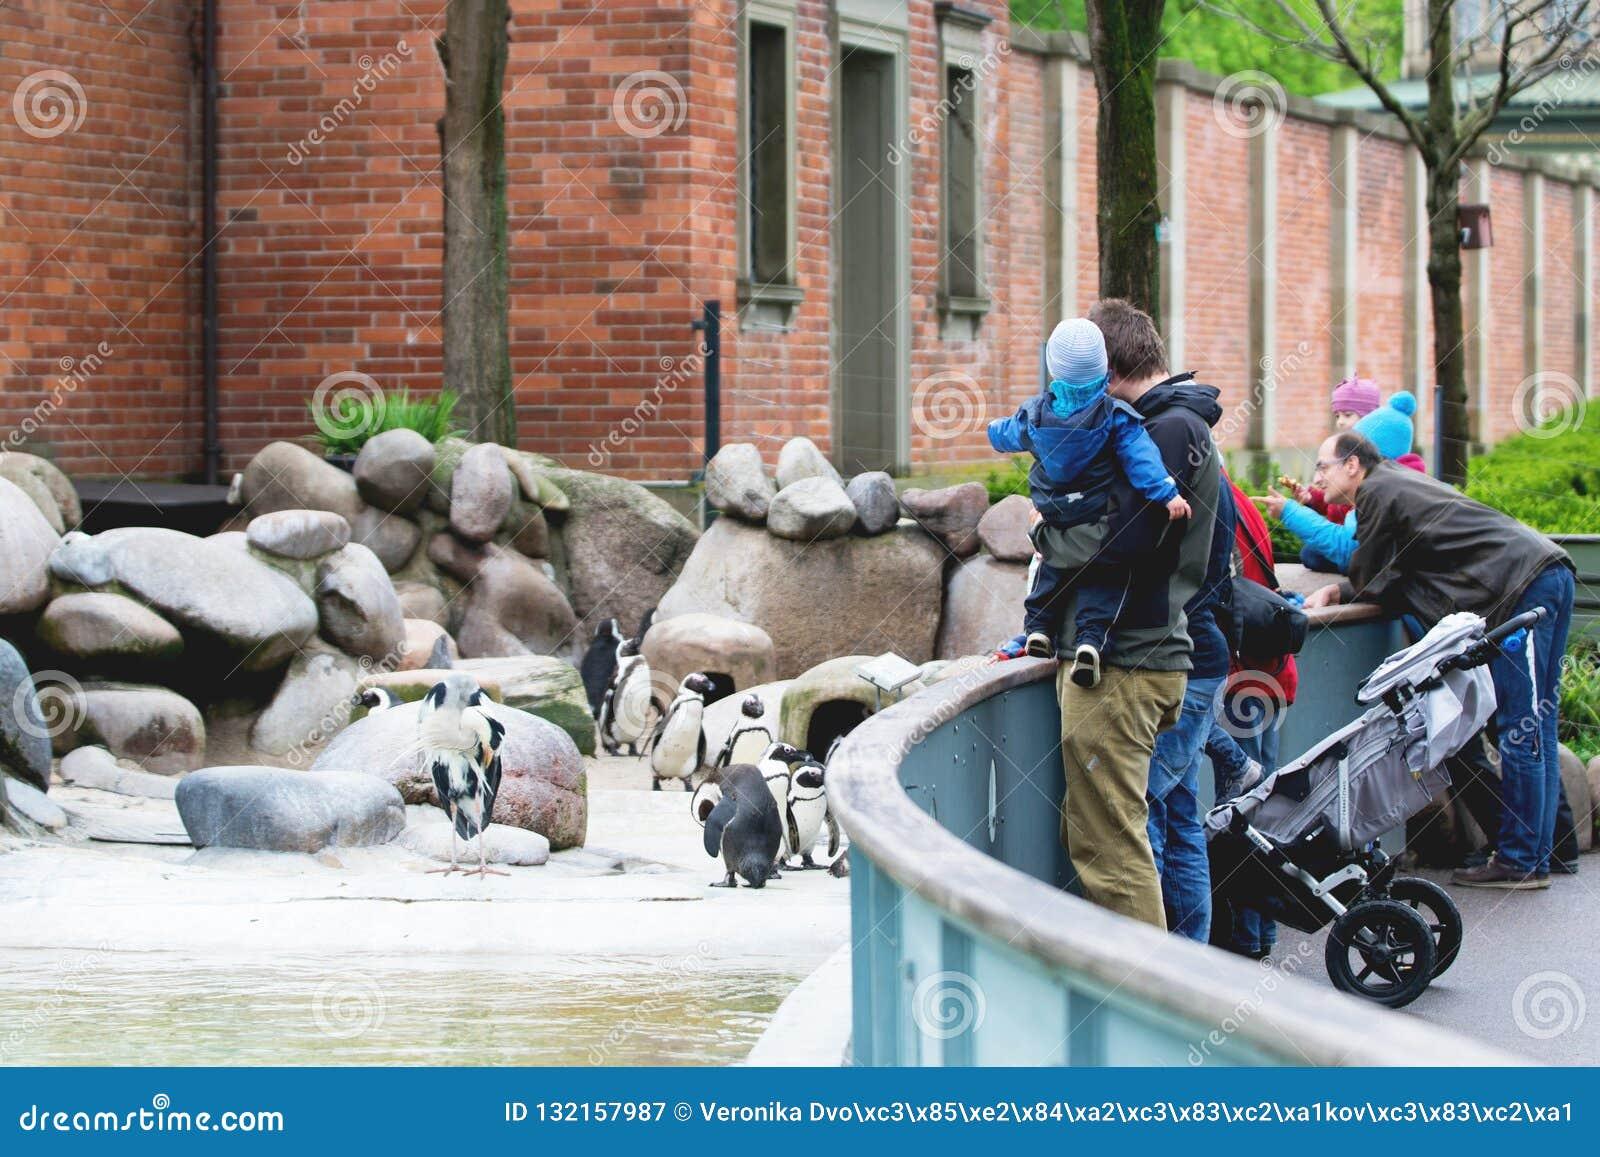 Νυρεμβέργη, Γερμανία, τον Απρίλιο του 2016: Γονείς με τα παιδιά που επισκέπτονται έναν ζωολογικό κήπο Νυρεμβέργη Άνθρωποι που προ